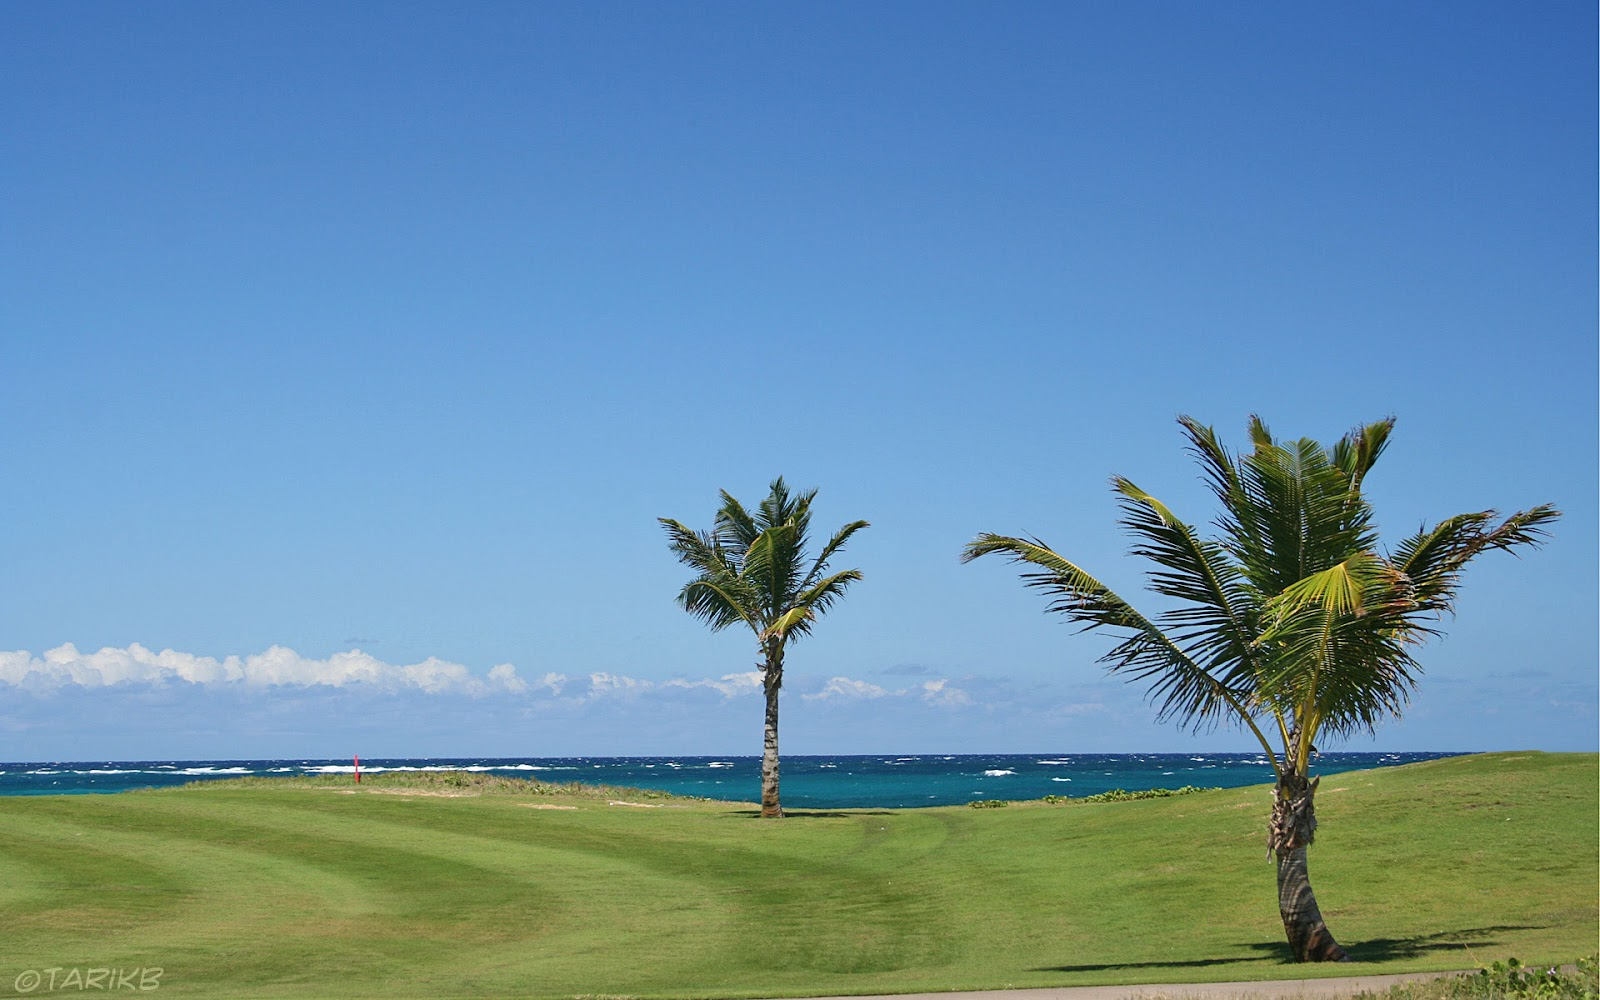 http://3.bp.blogspot.com/-sKYr28xPc20/UCYuZ8L8JfI/AAAAAAAAMKM/DxB45AxvxBc/s1600/golf-course-on-beach.jpg